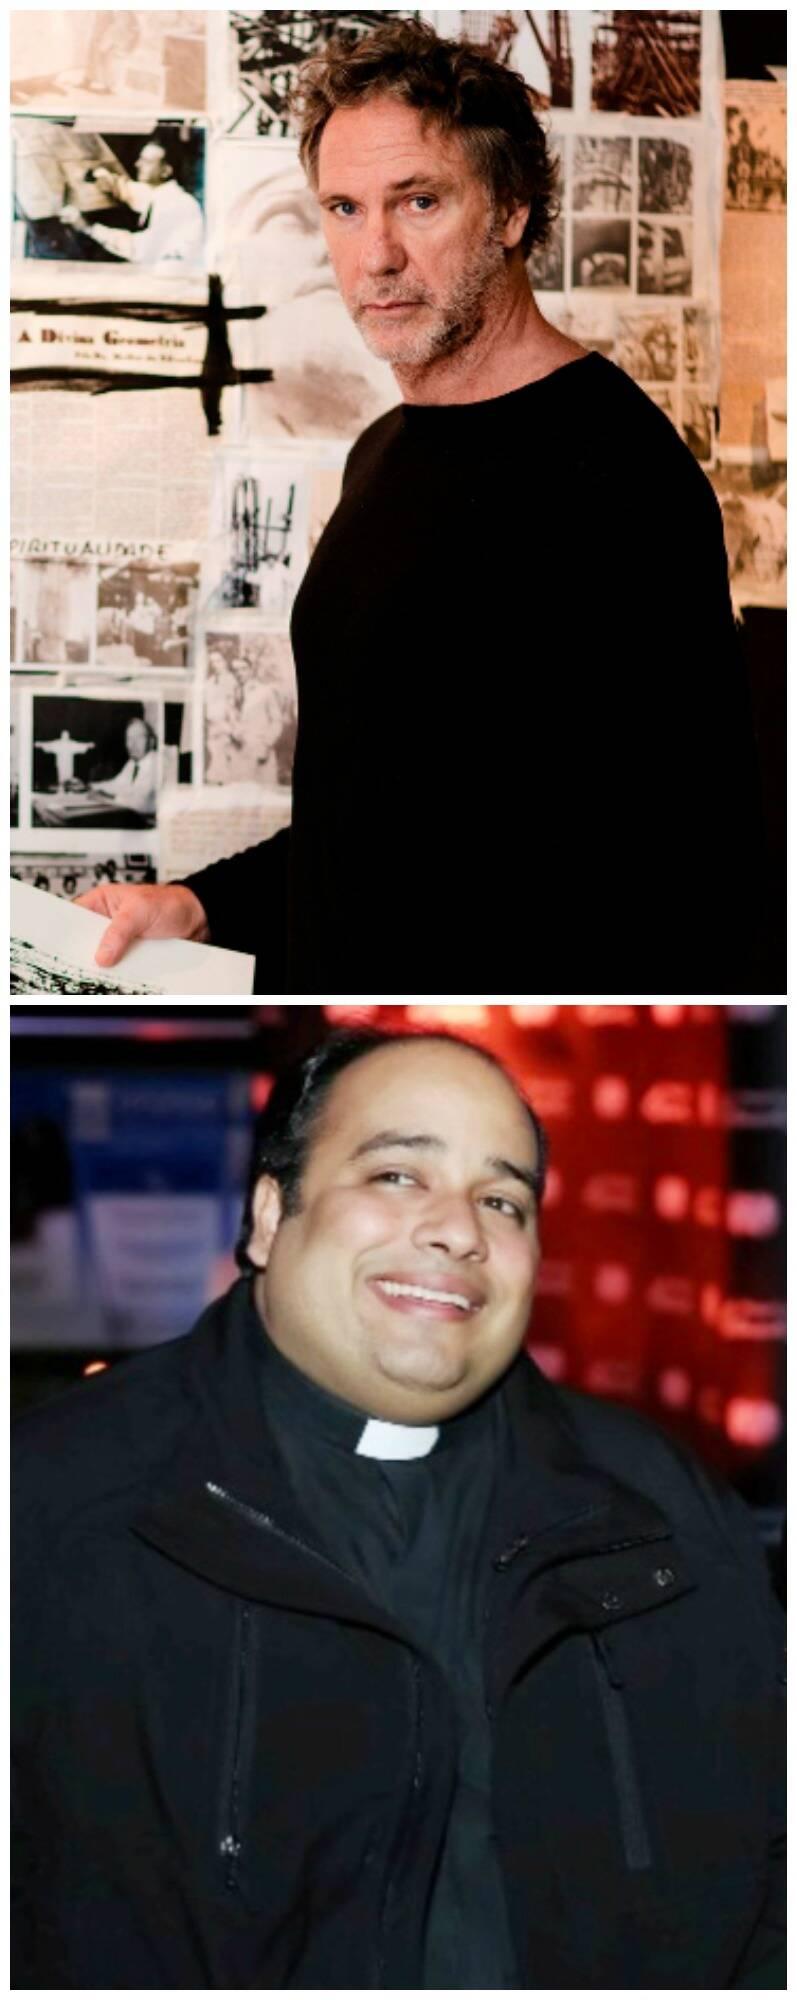 No alto, o artista plástico e empresário Oskar Metsavaht; acima, o padre Omar Raposo, do Santuário Cristo Redentor/ Fotos: divulgação e Miguel Sá